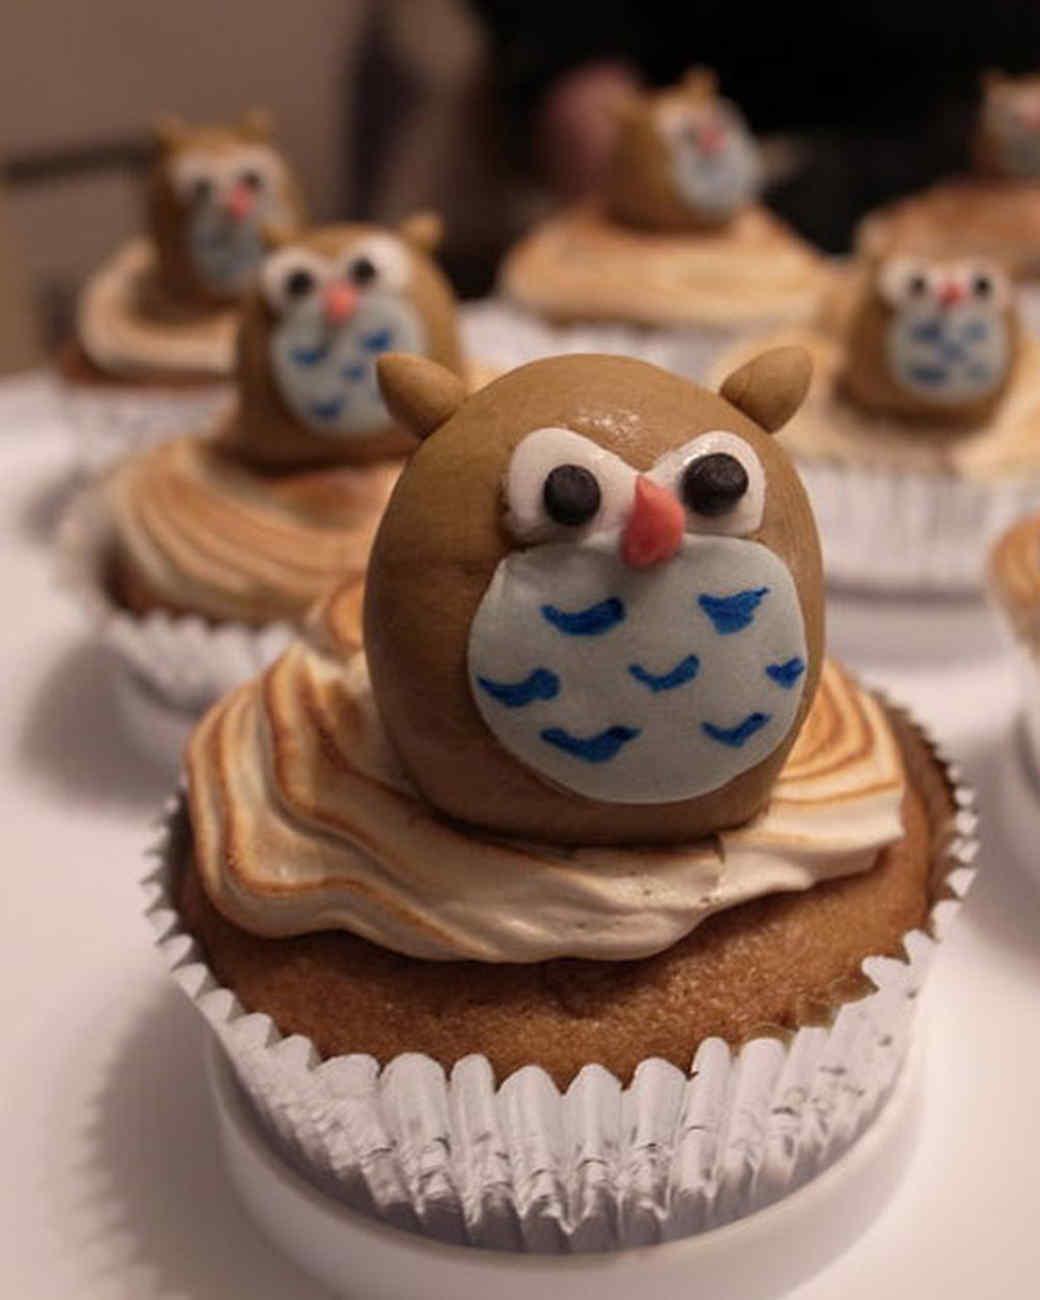 cupcake_contest_0211_owl_cupcakes.jpg